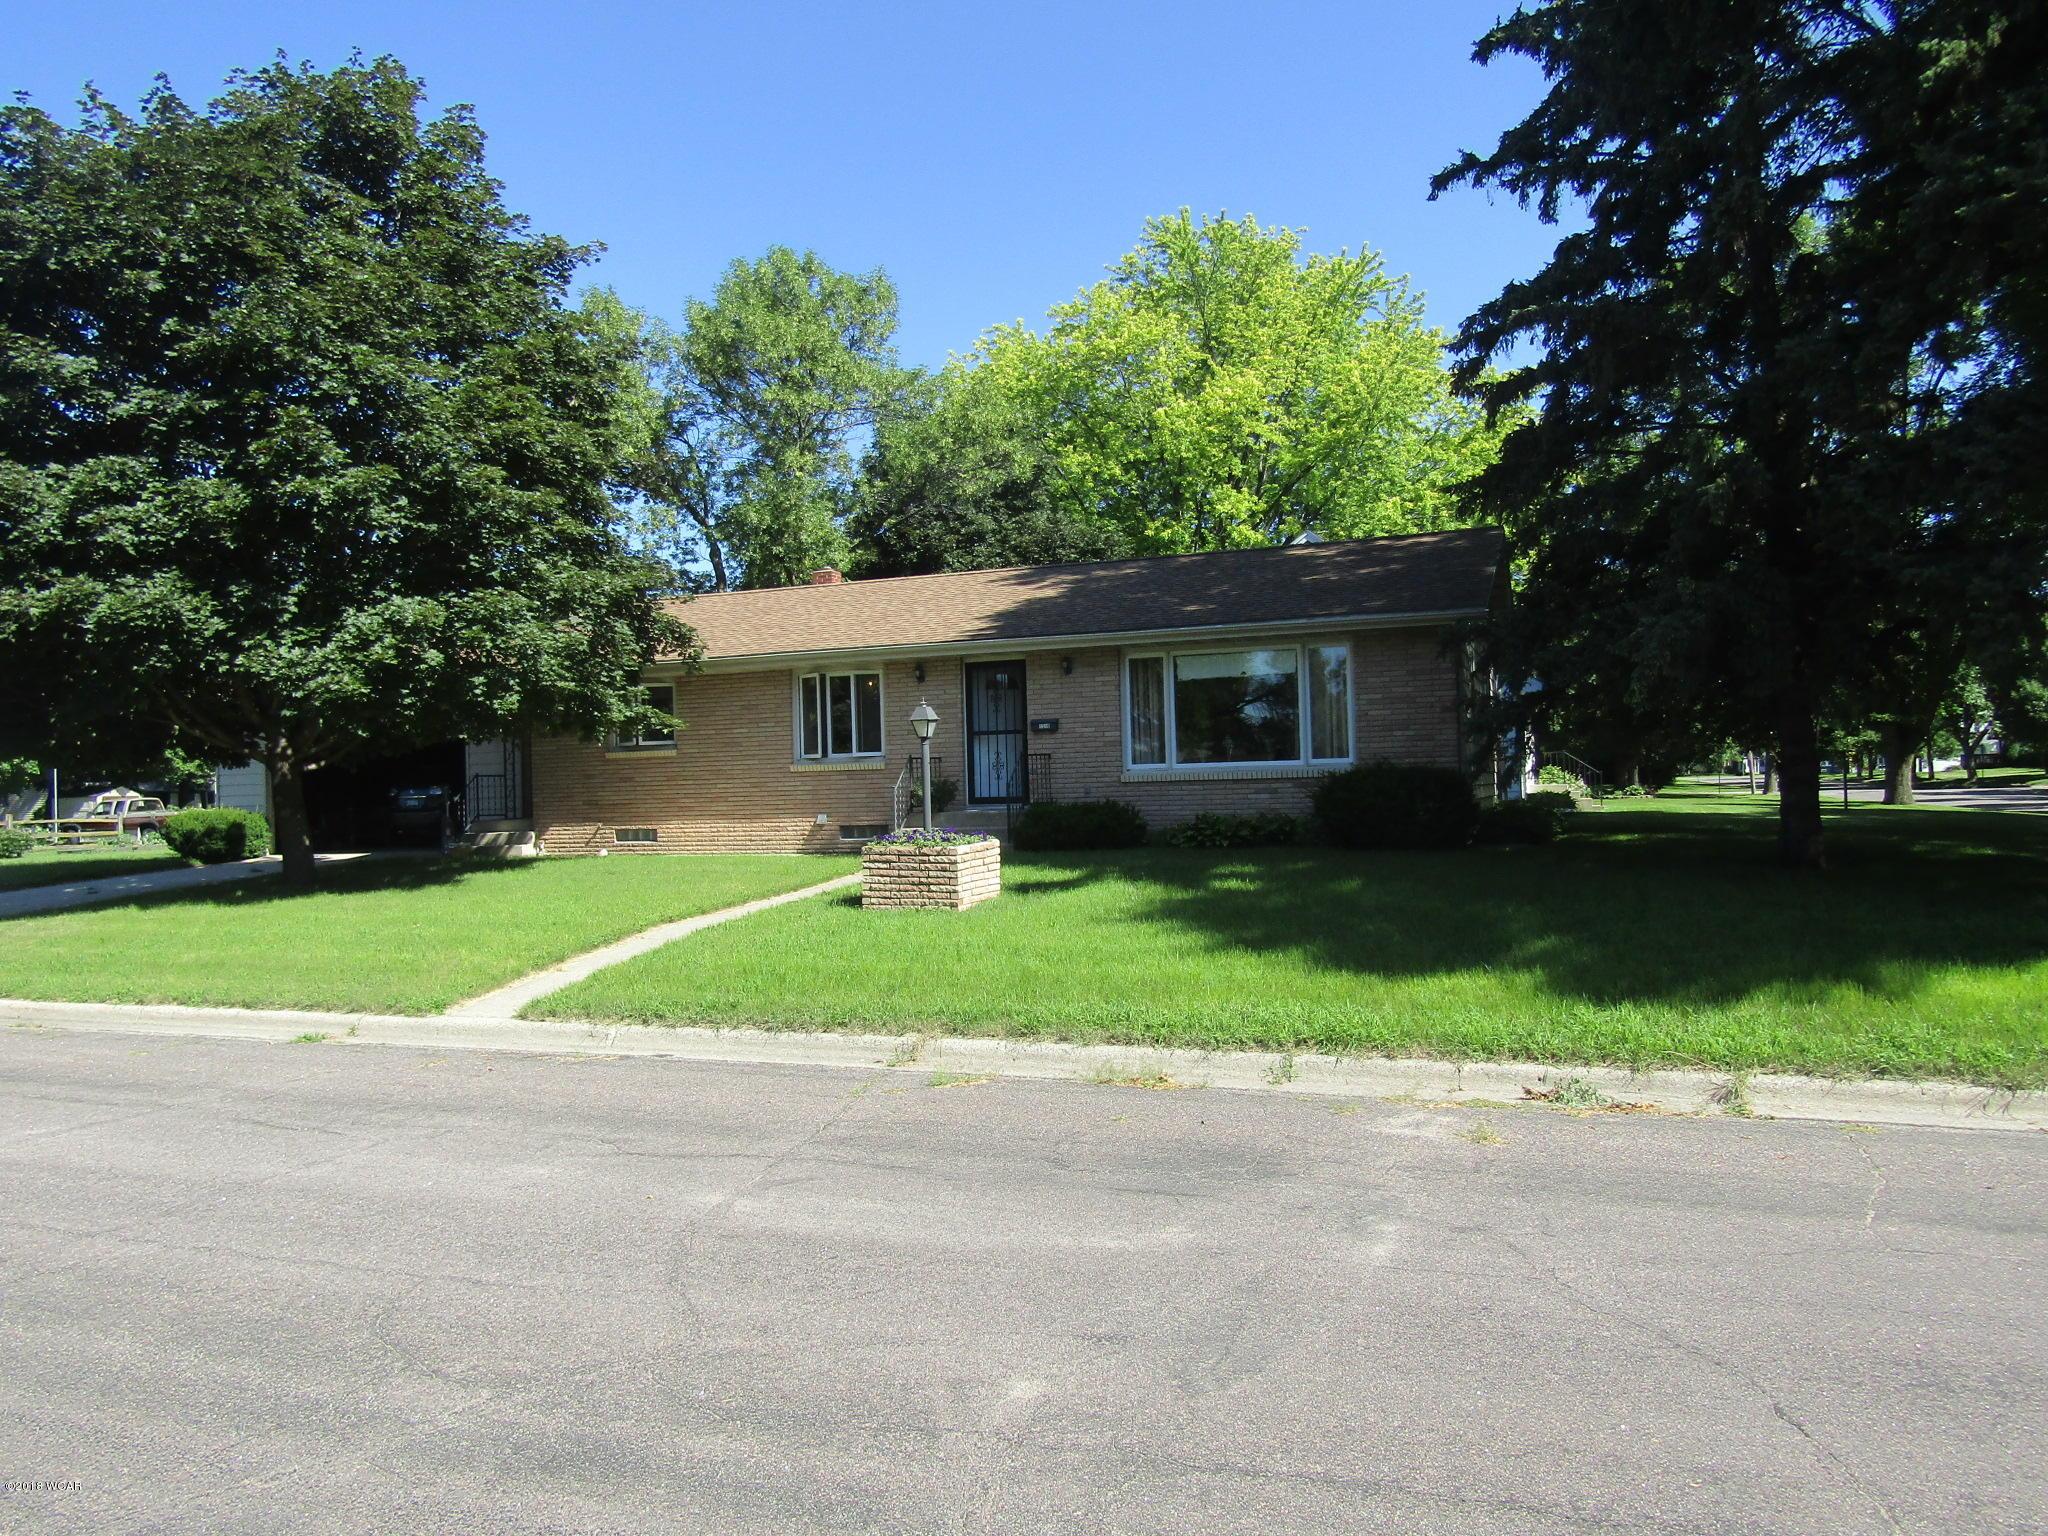 1510 Clarke Avenue,Benson,3 Bedrooms Bedrooms,2 BathroomsBathrooms,Single Family,Clarke Avenue,6031573